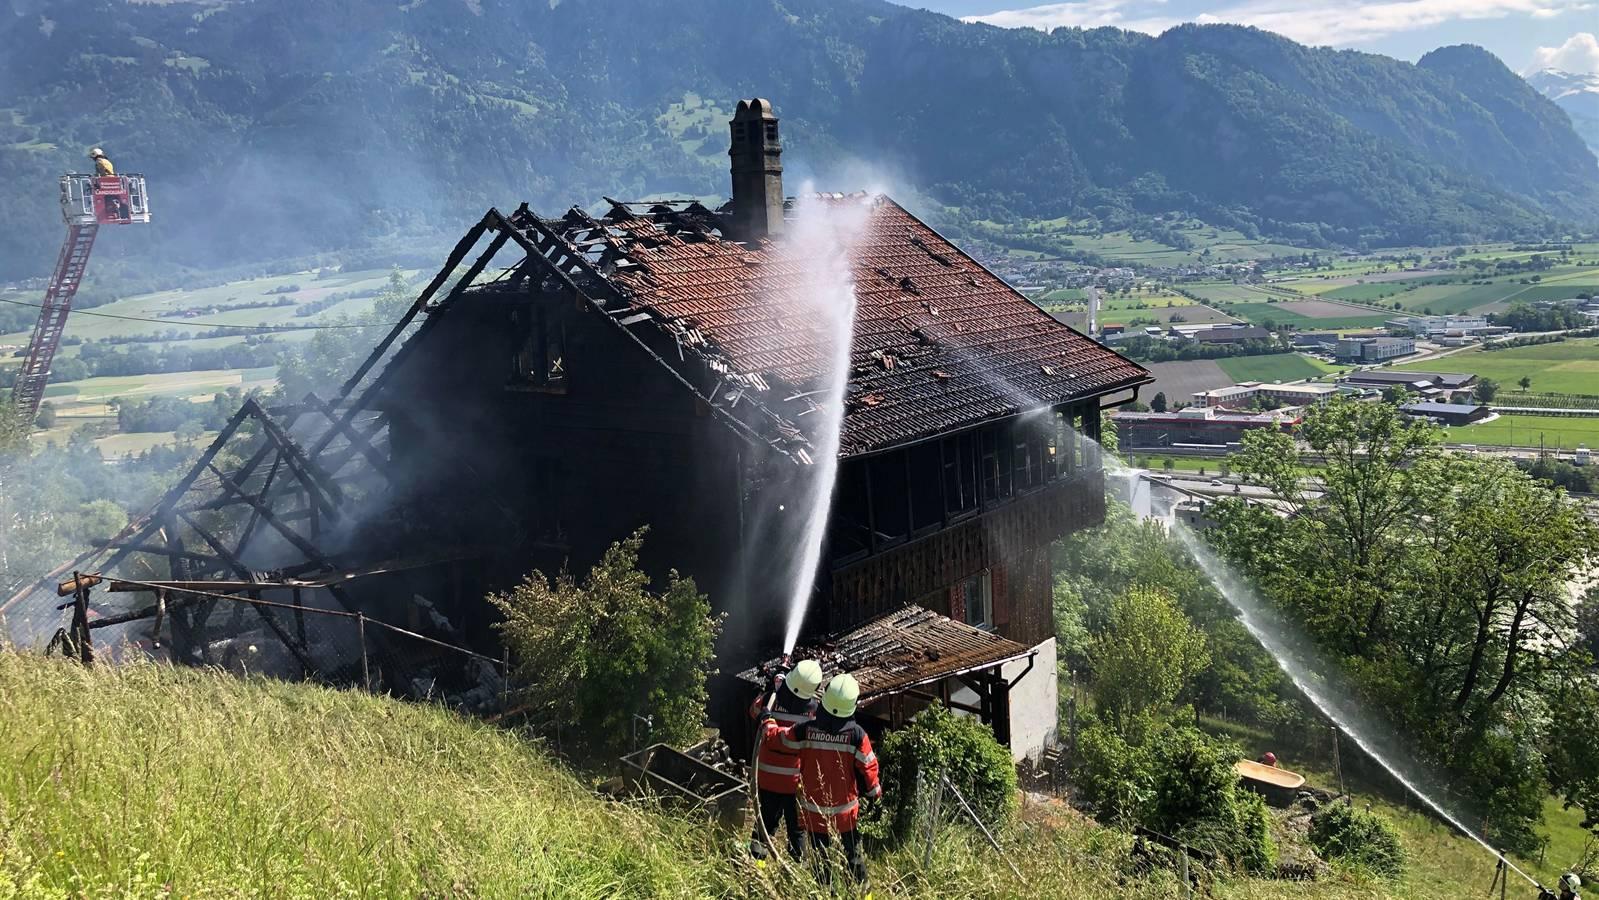 Der 49-jährige Hausbewohner konnte das Gebäude noch rechtzeitig verlassen.